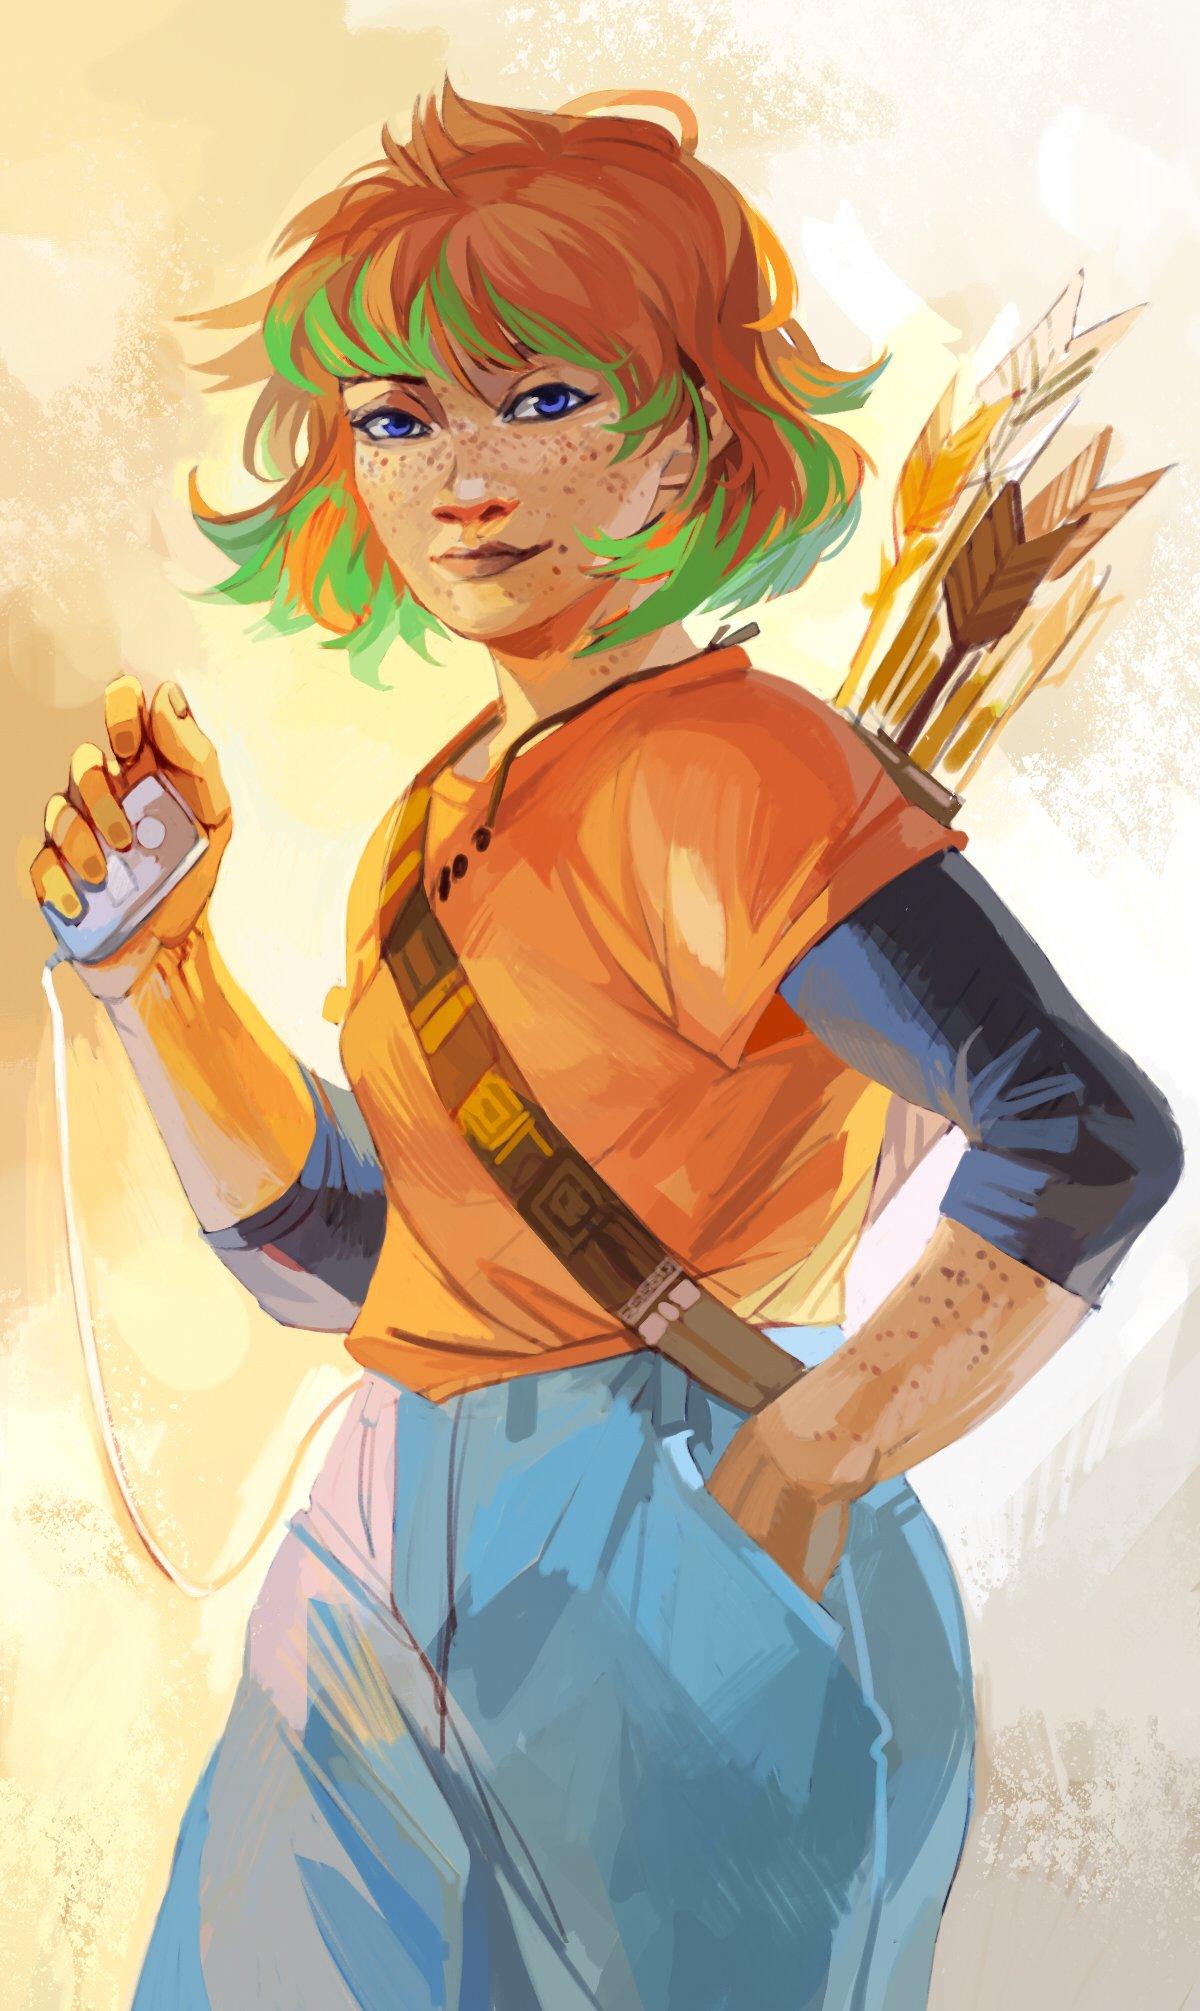 Percy Jackson And The Olympians Fanfiction Artemis Lemon | Sante Blog